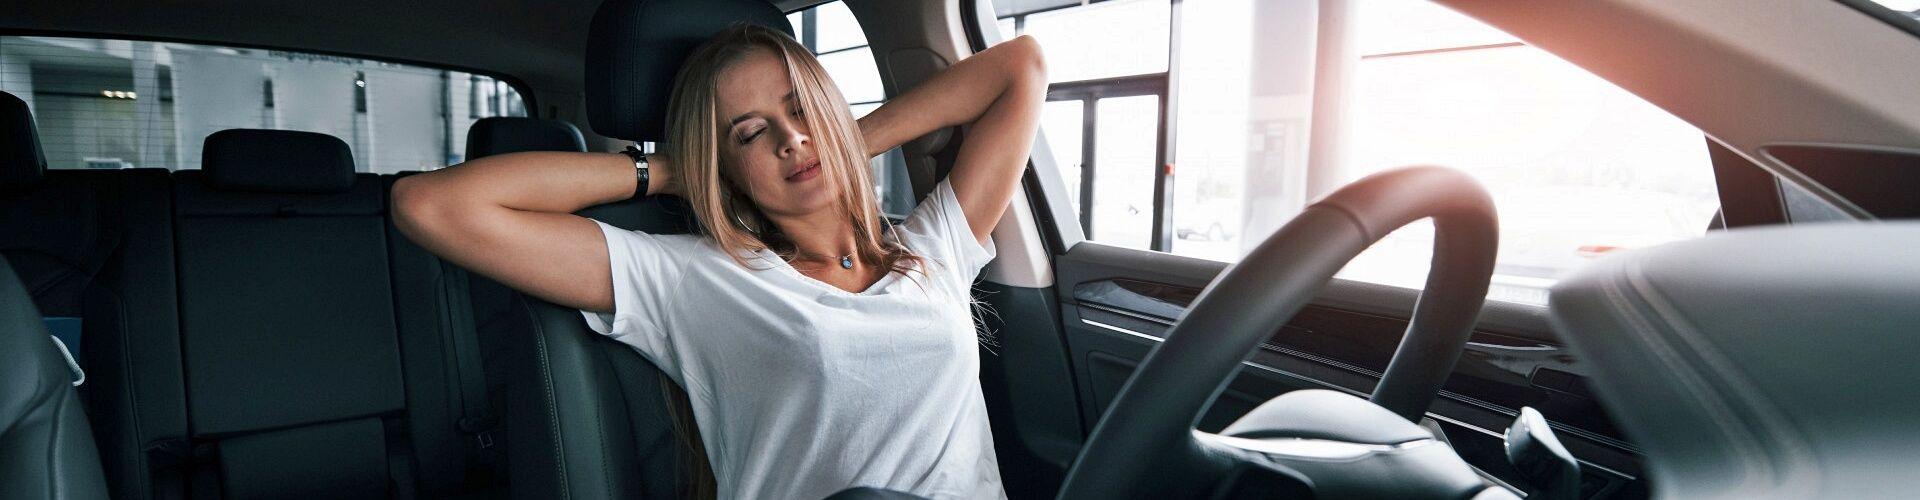 tapizar-asientos-coches